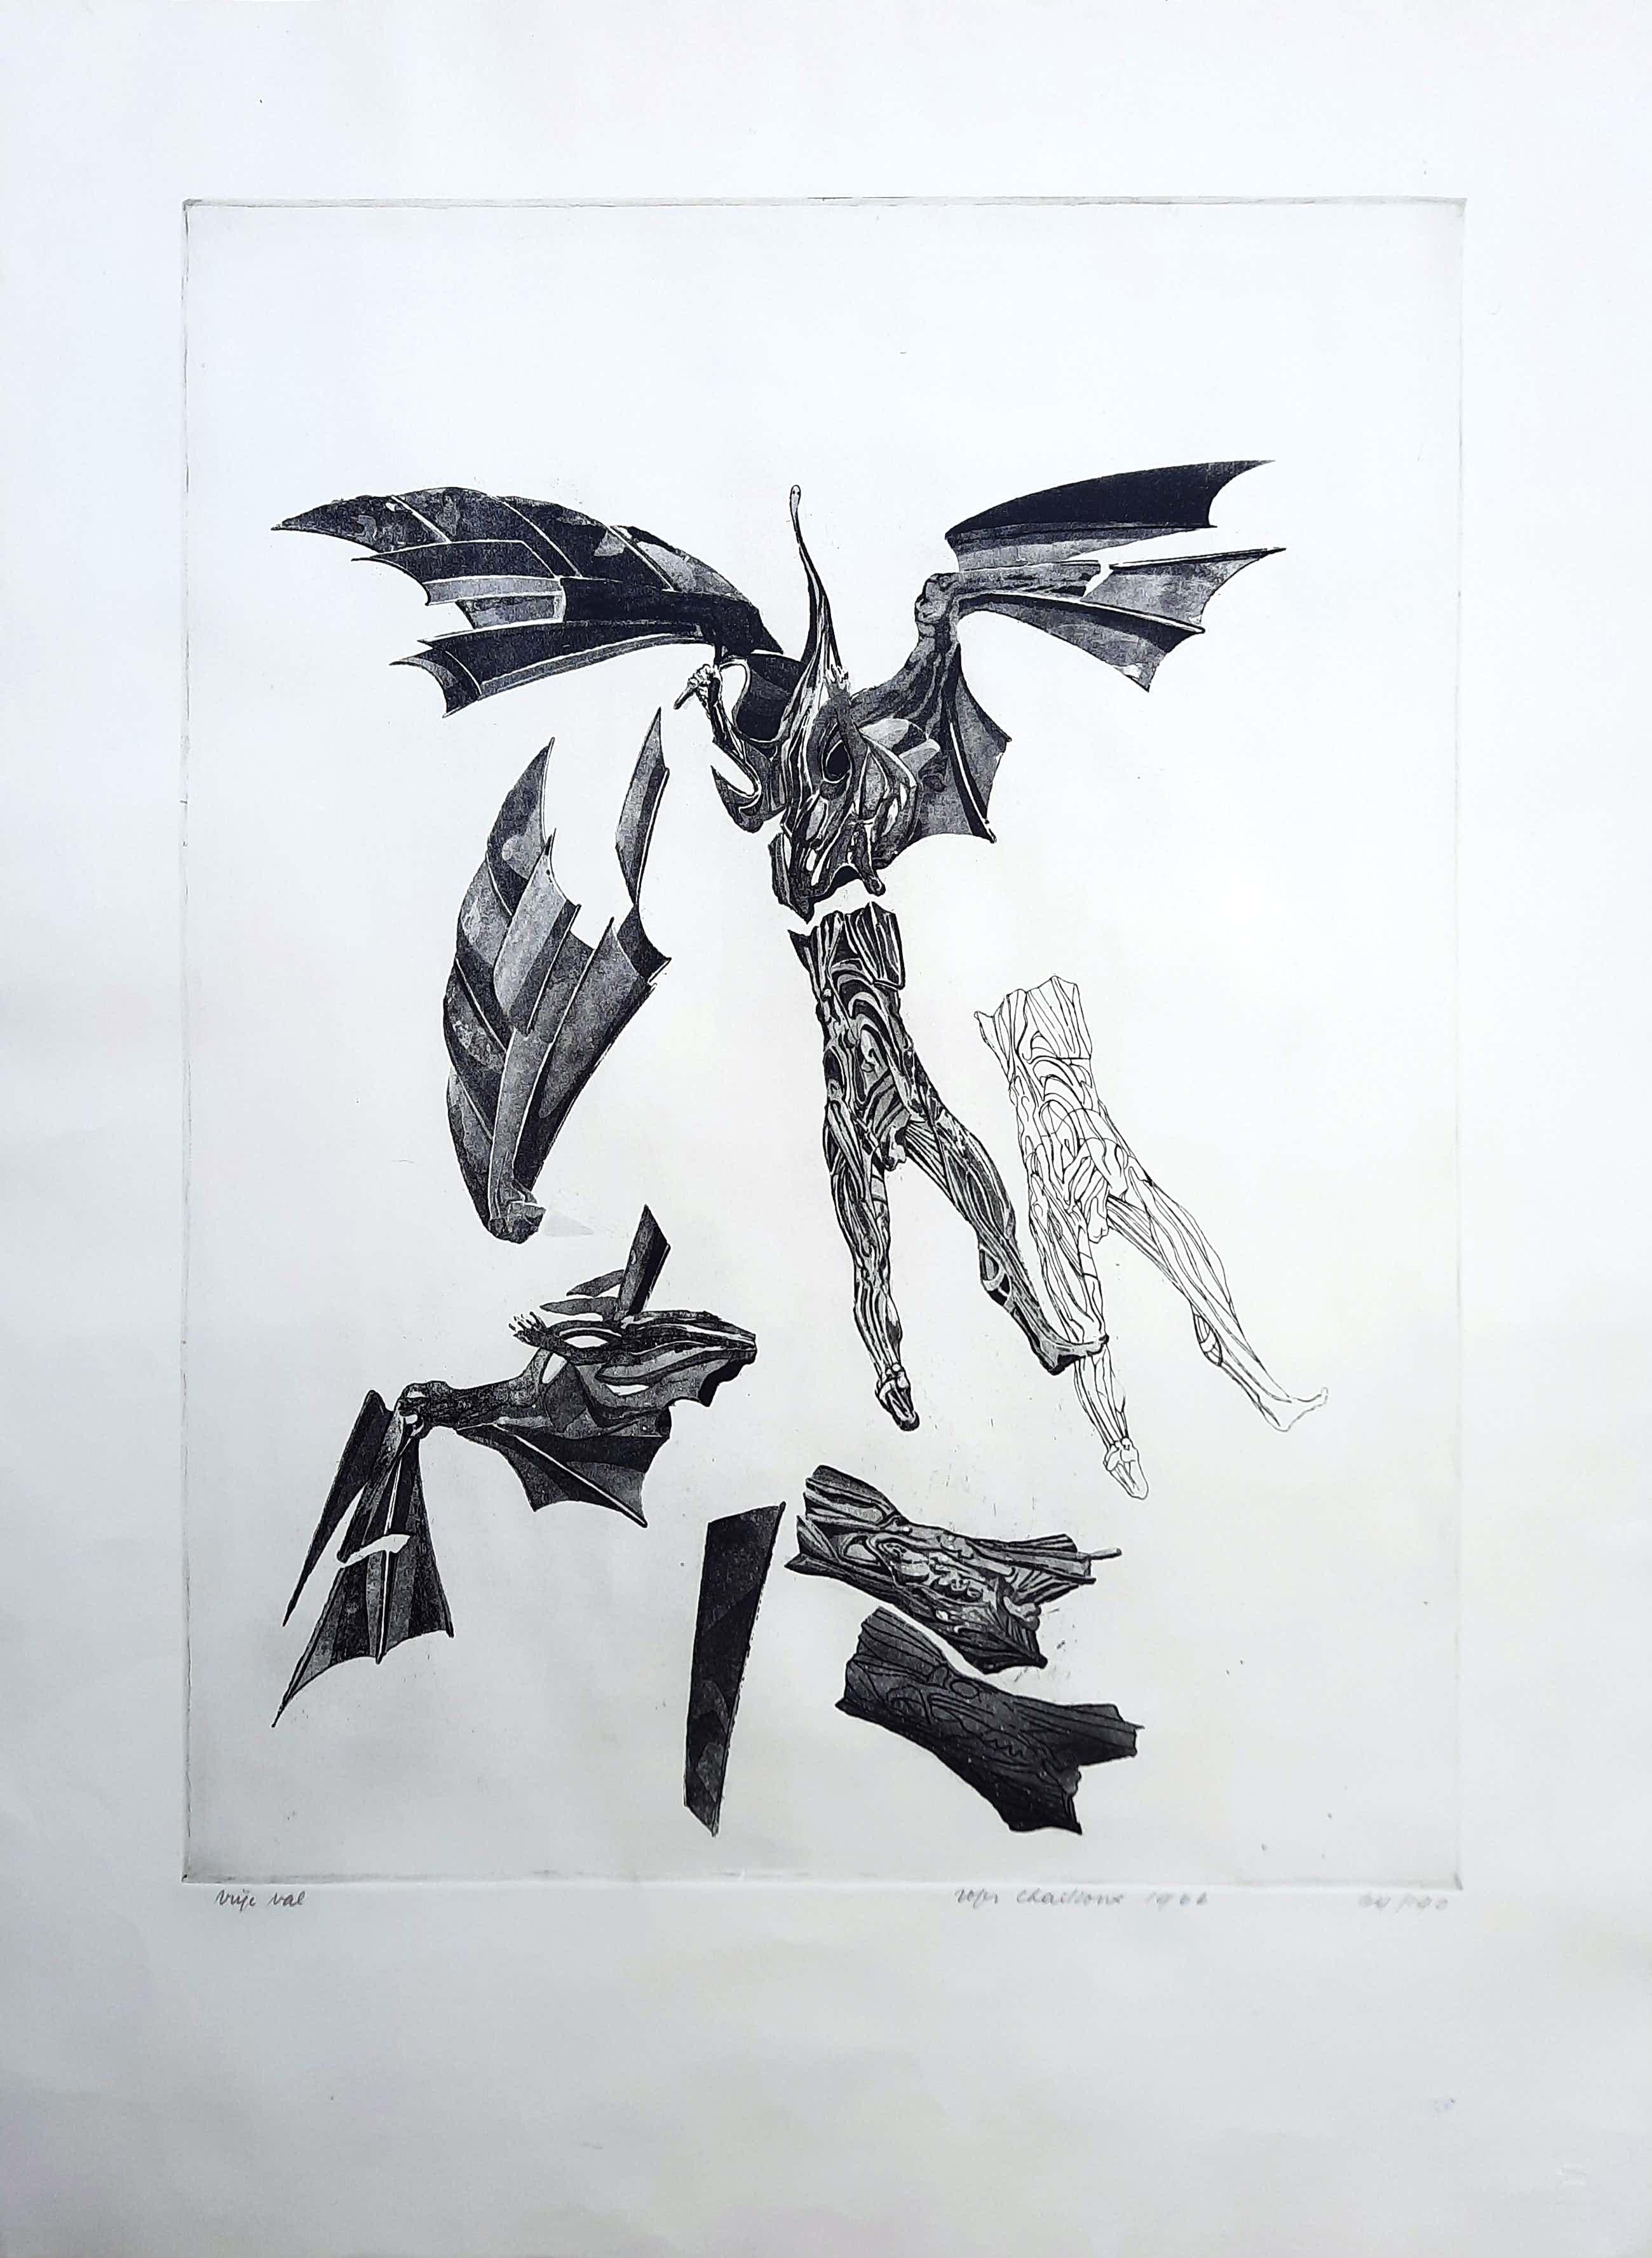 Roger Chailloux - aquatint - Vrij Val (van Icarus?) - Prent 190 - 21917 kopen? Bied vanaf 1!